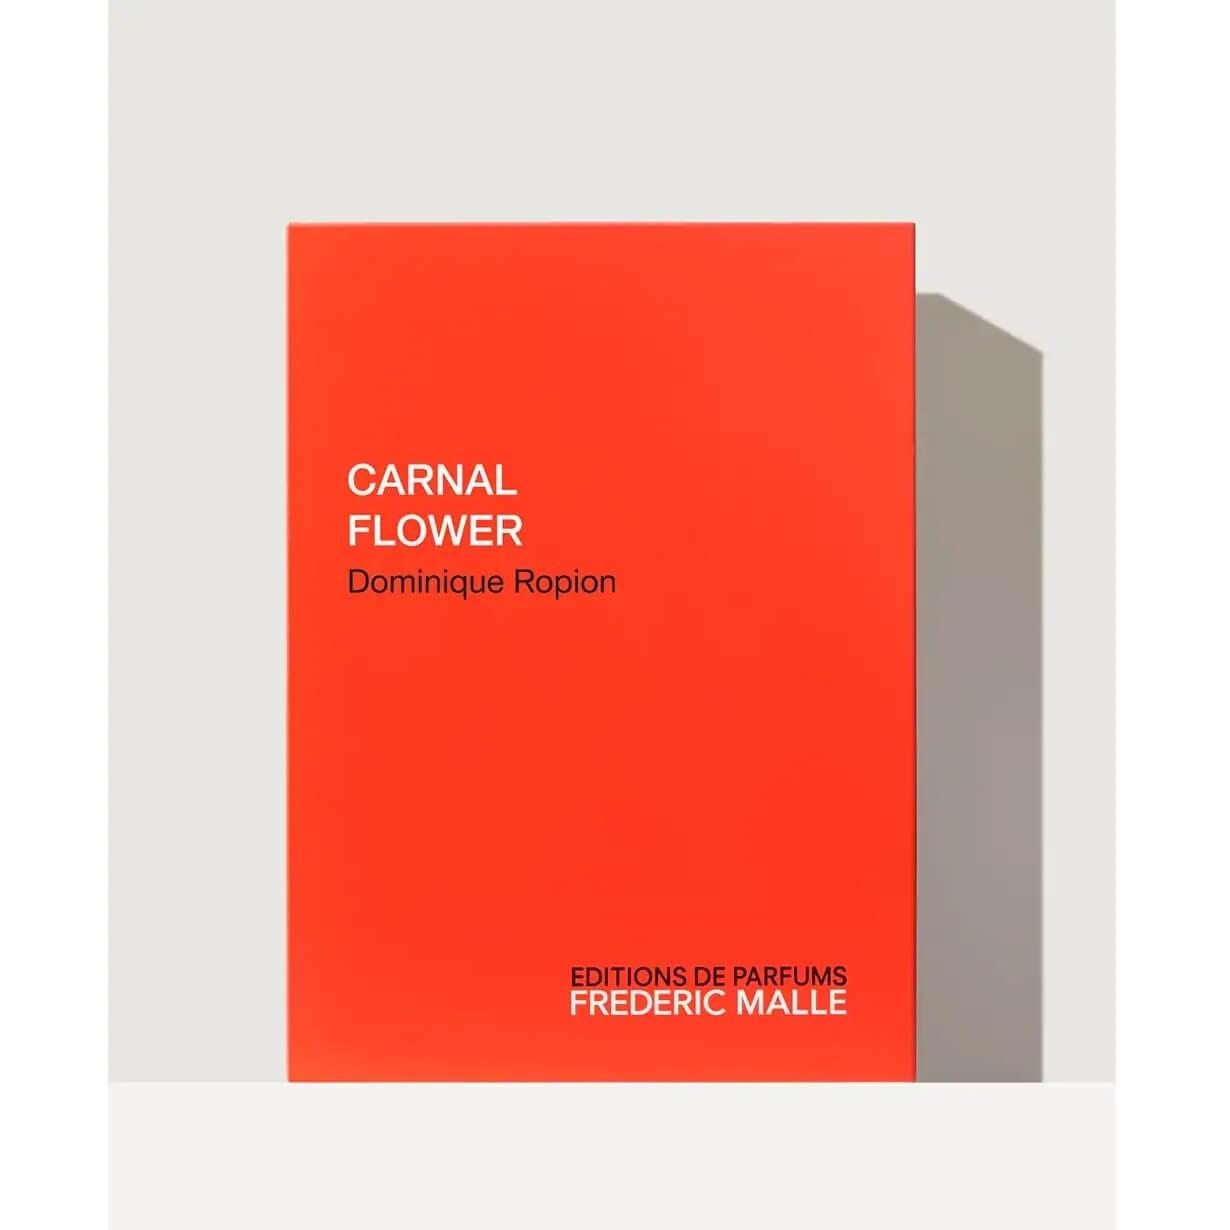 CARNAL FLOWER 3